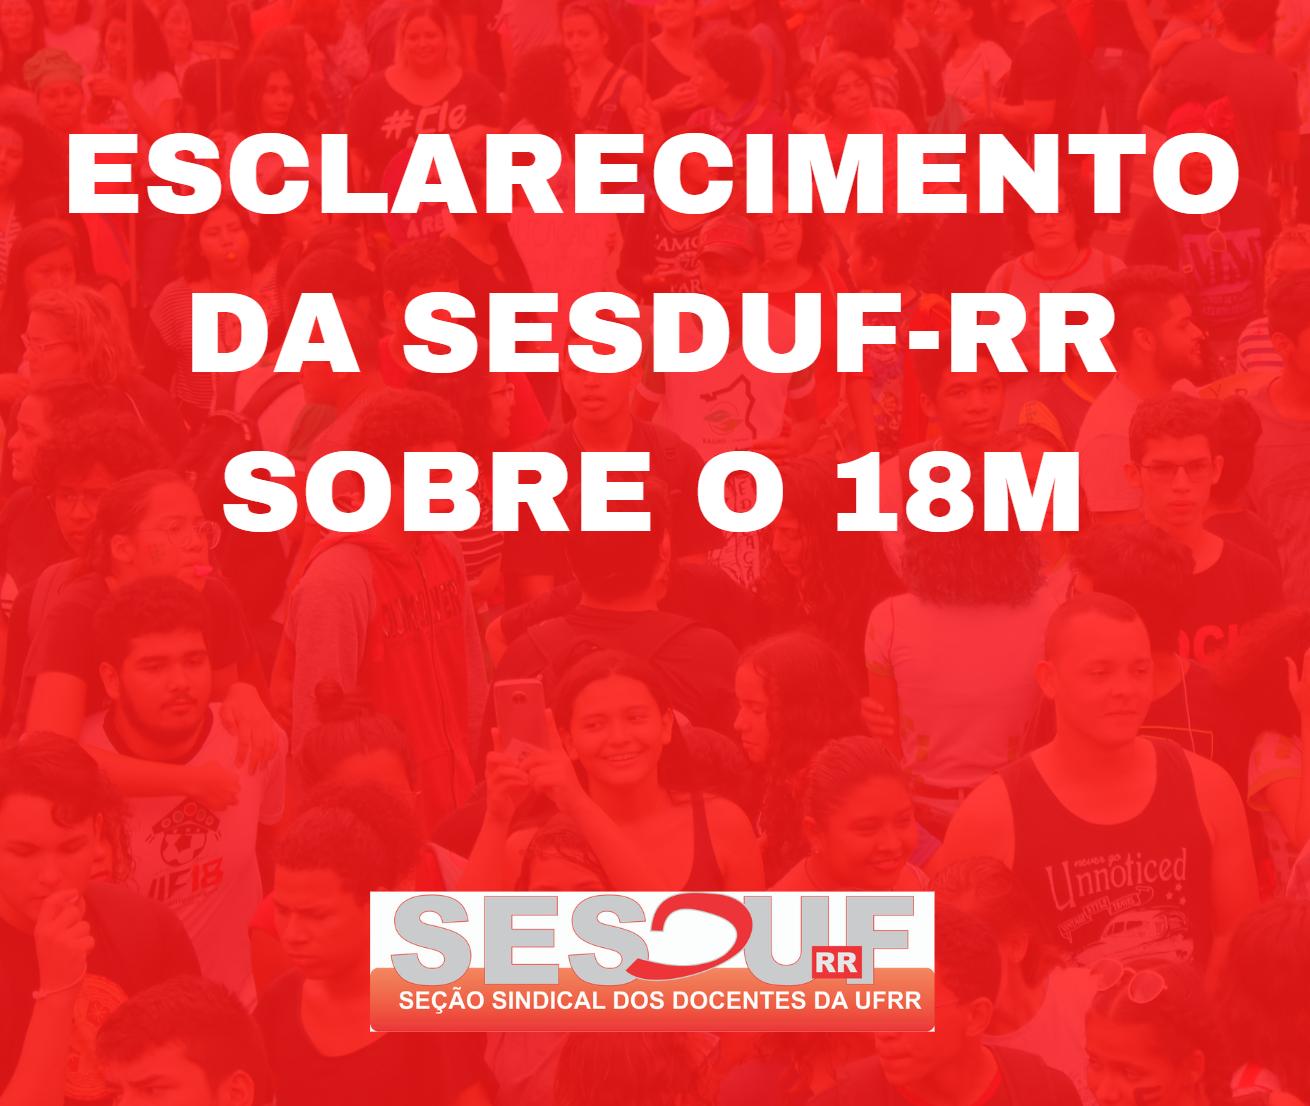 NOTA DE ESCLARECIMENTO DA SESDUF-RR  SOBRE O 18M